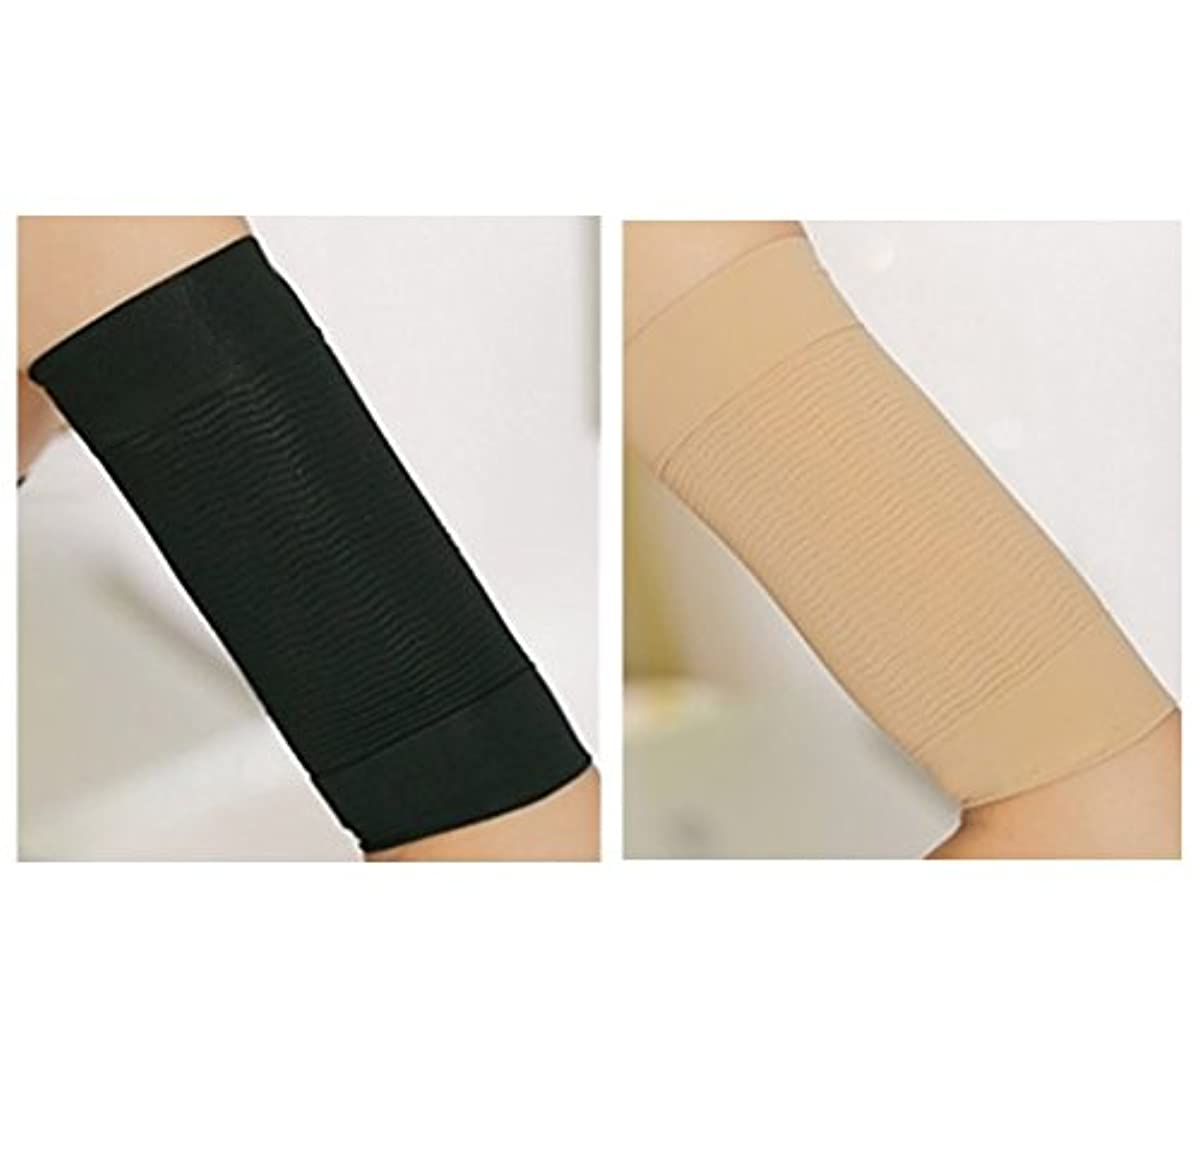 破産ポータル交渉する二の腕シェイパー 二の腕 引き締め 二の腕痩せ ダイエット 二の腕ダイエット インナー シェイプアップ 脂肪燃焼 セルライト 加圧下着 (パッケージ:ブラック2枚,ベージュ2枚)